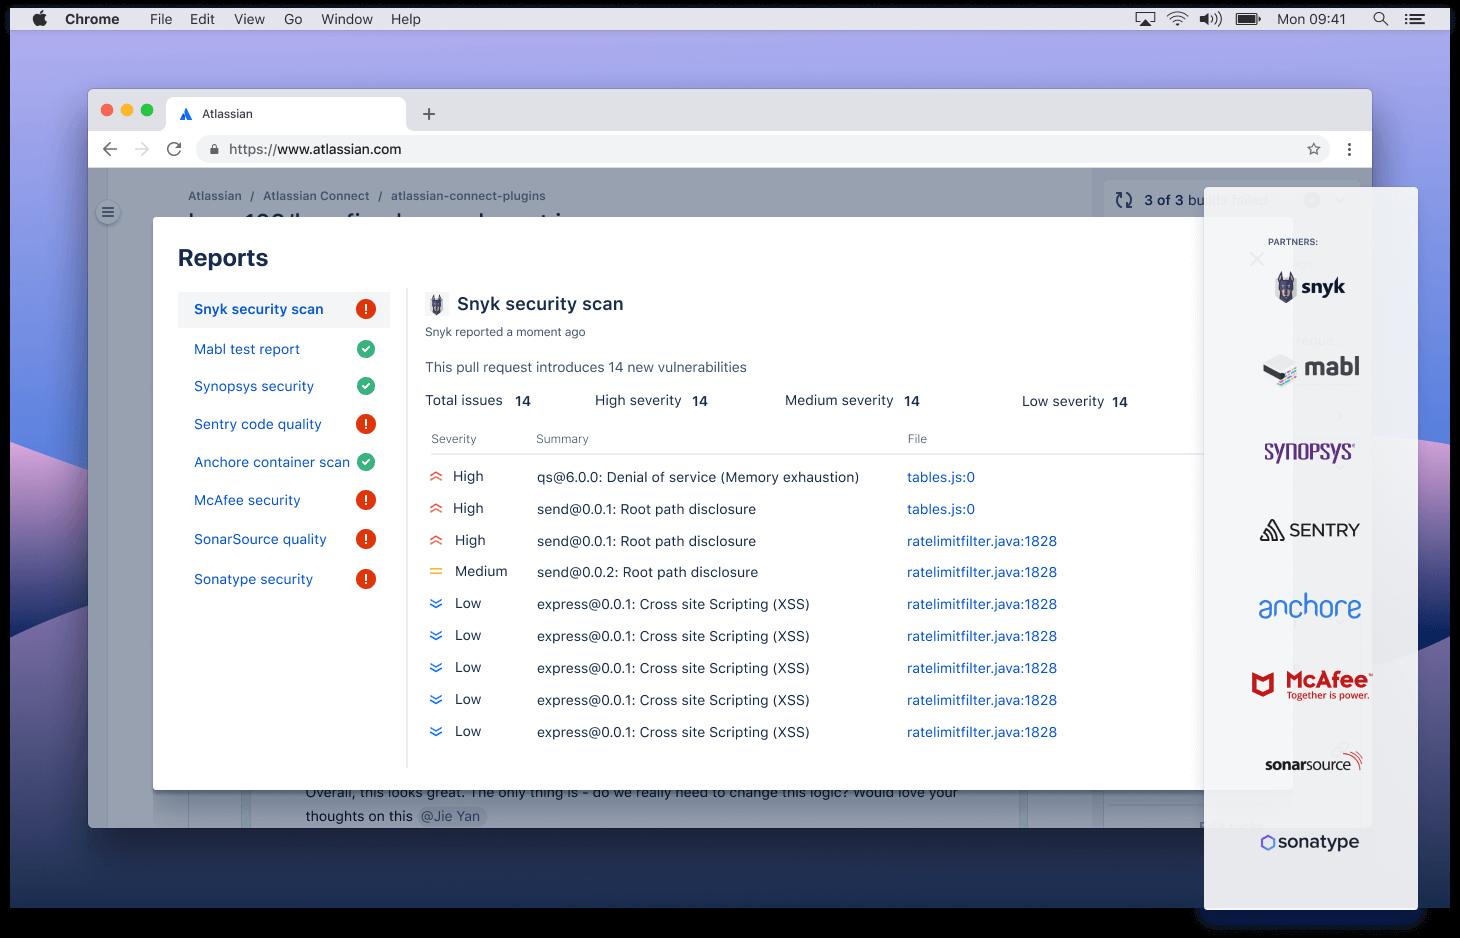 Jelentések képernyőképe